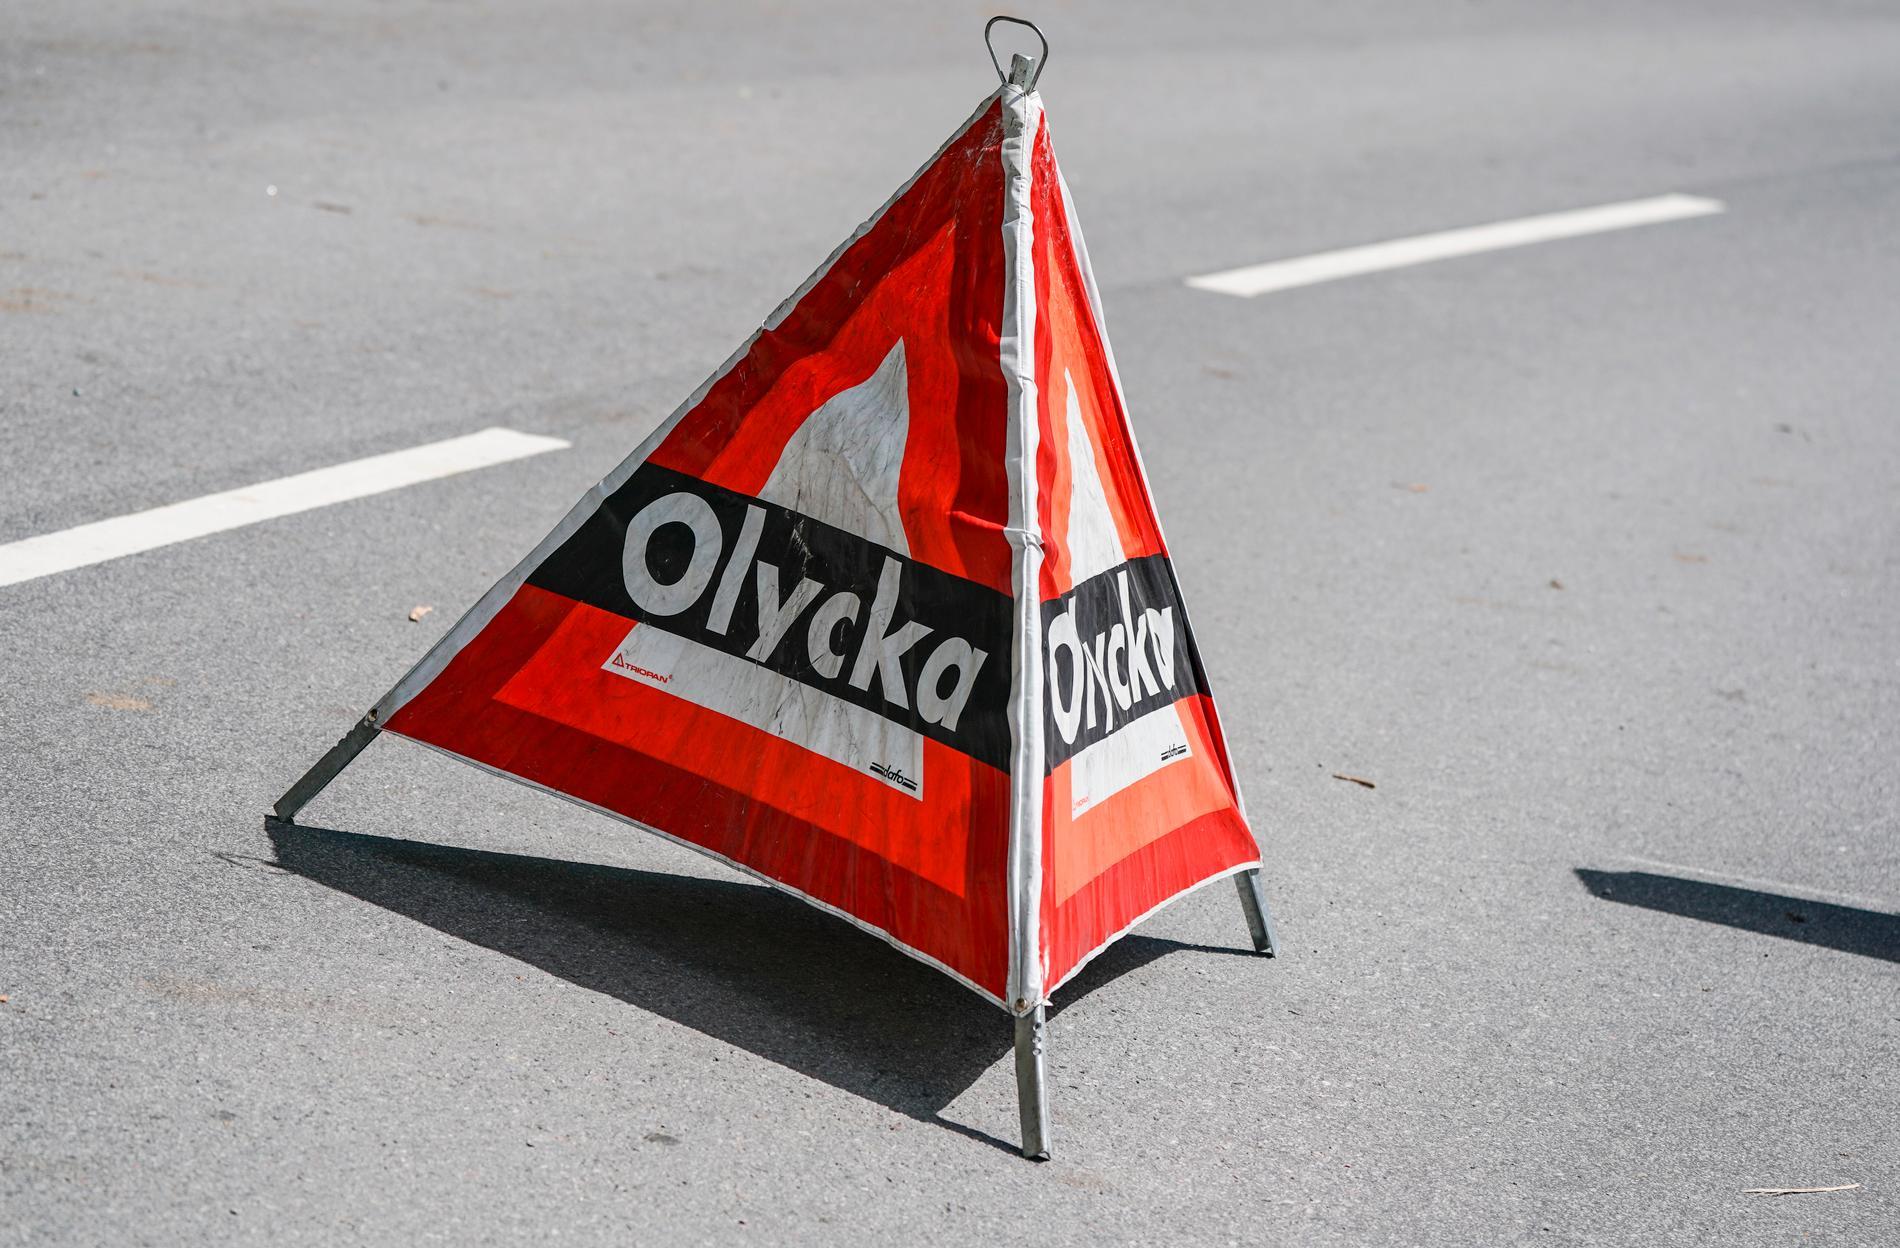 Vägen fick stängas ned ett tag efter olyckan. Arkivbild.